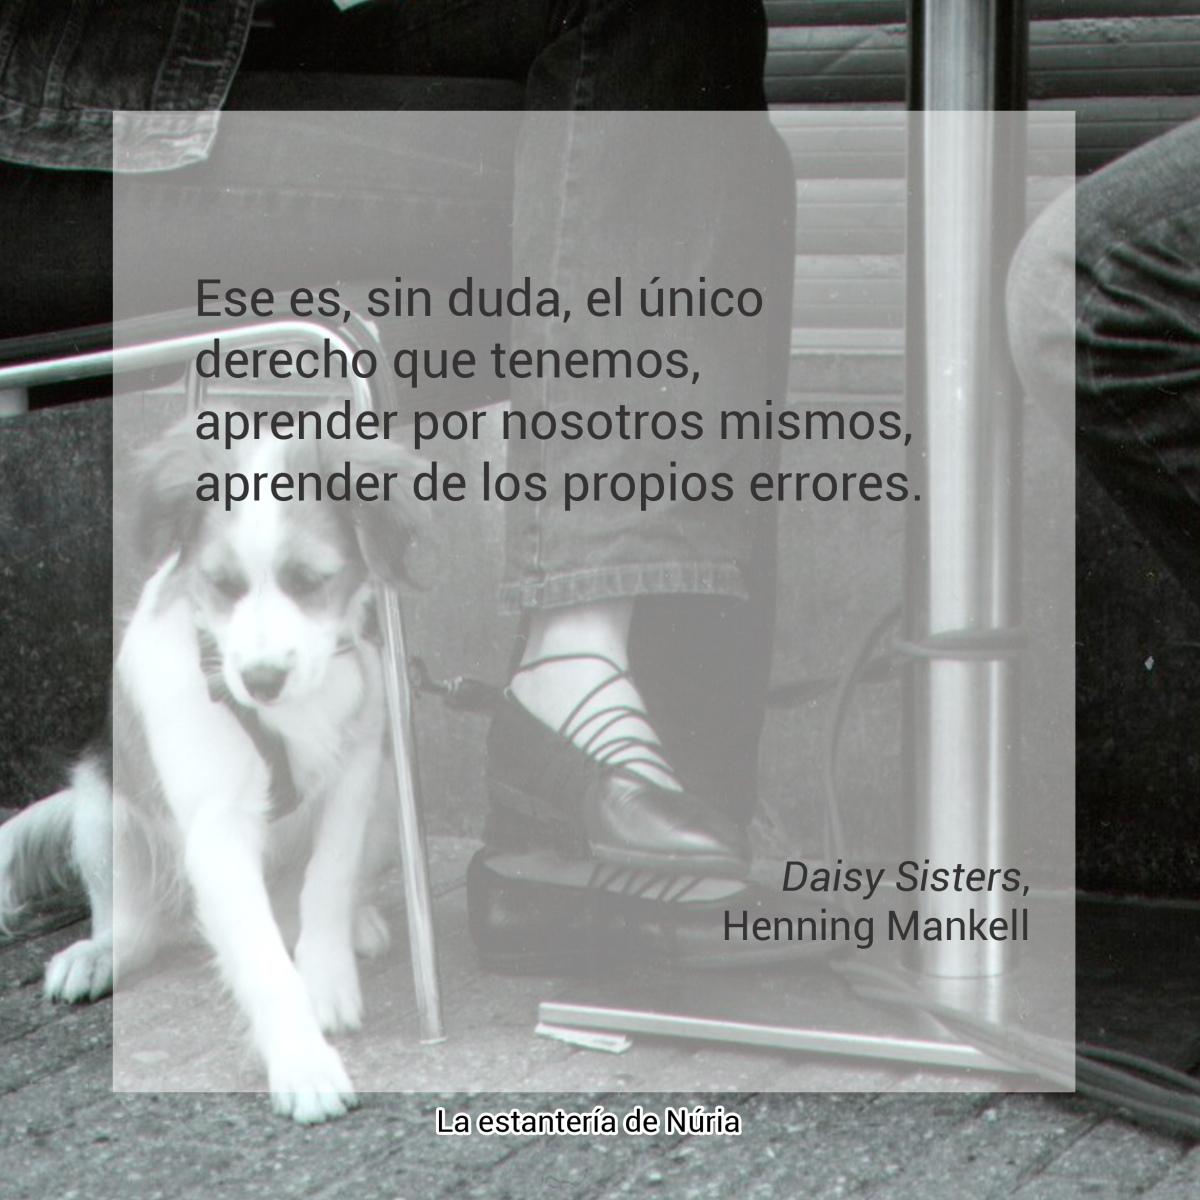 Ese es, sin duda, el único derecho que tenemos, aprender por nosotros mismos, aprender de los propios errores. Daisy Sisters, Henning Mankell